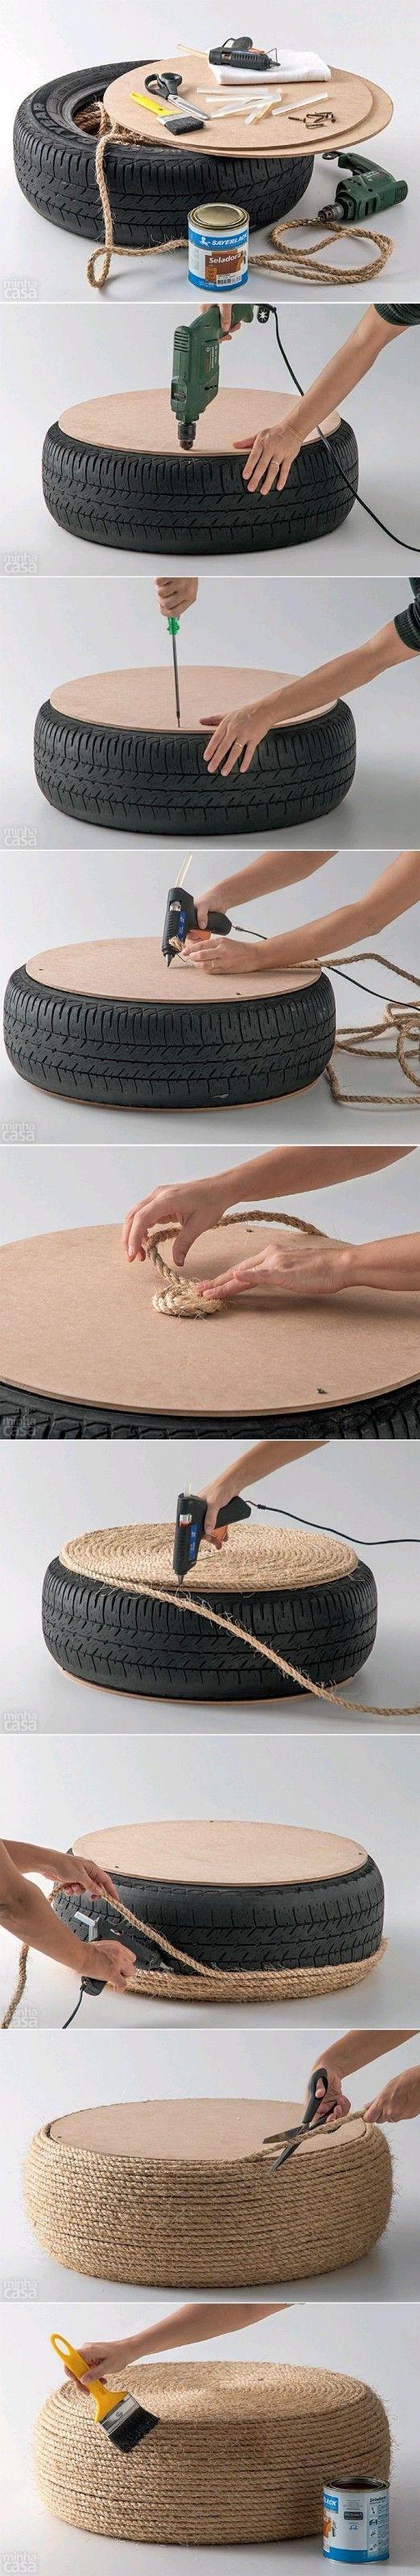 ablagetisch aus seil diy recycelte reifen alte reifen. Black Bedroom Furniture Sets. Home Design Ideas